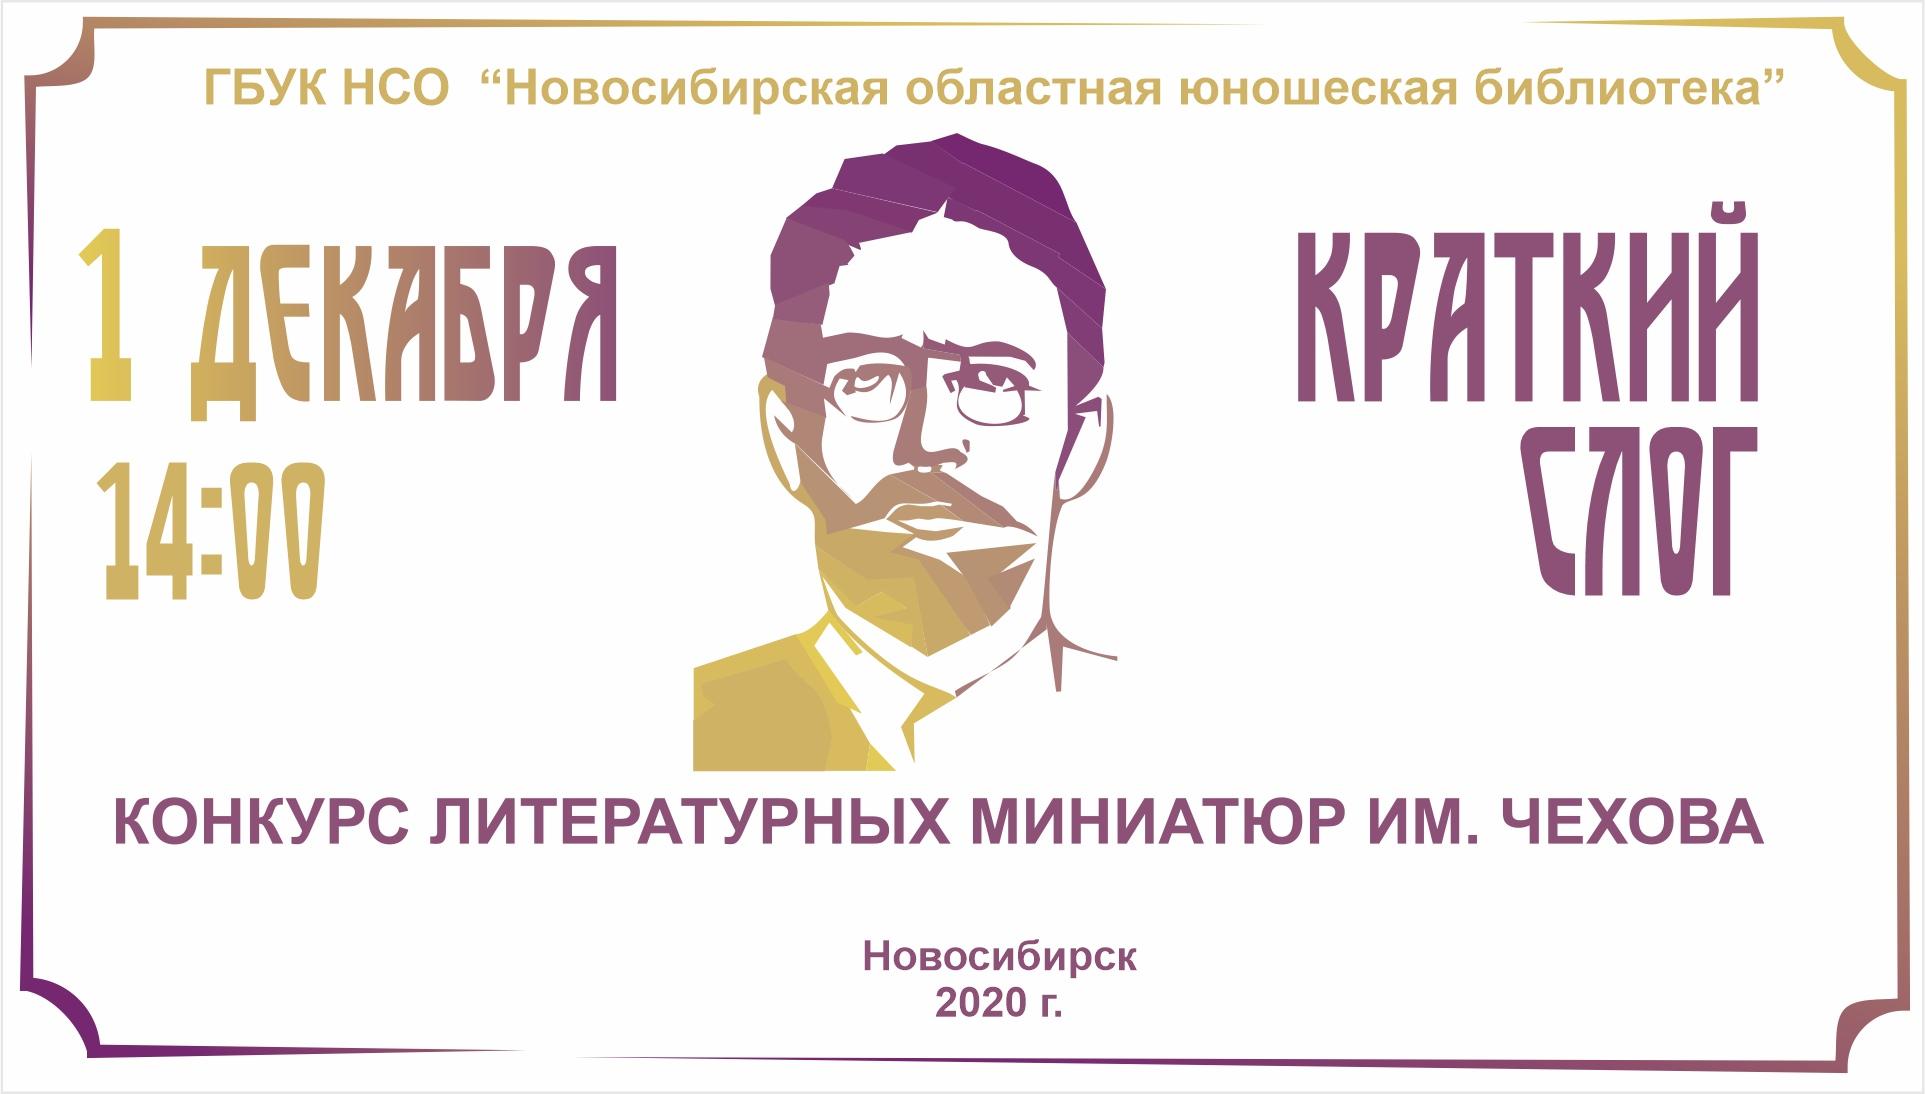 Подведение итогов областного конкурса литературных миниатюр «Краткий слог» им. А.П. Чехова состоится 1 декабря